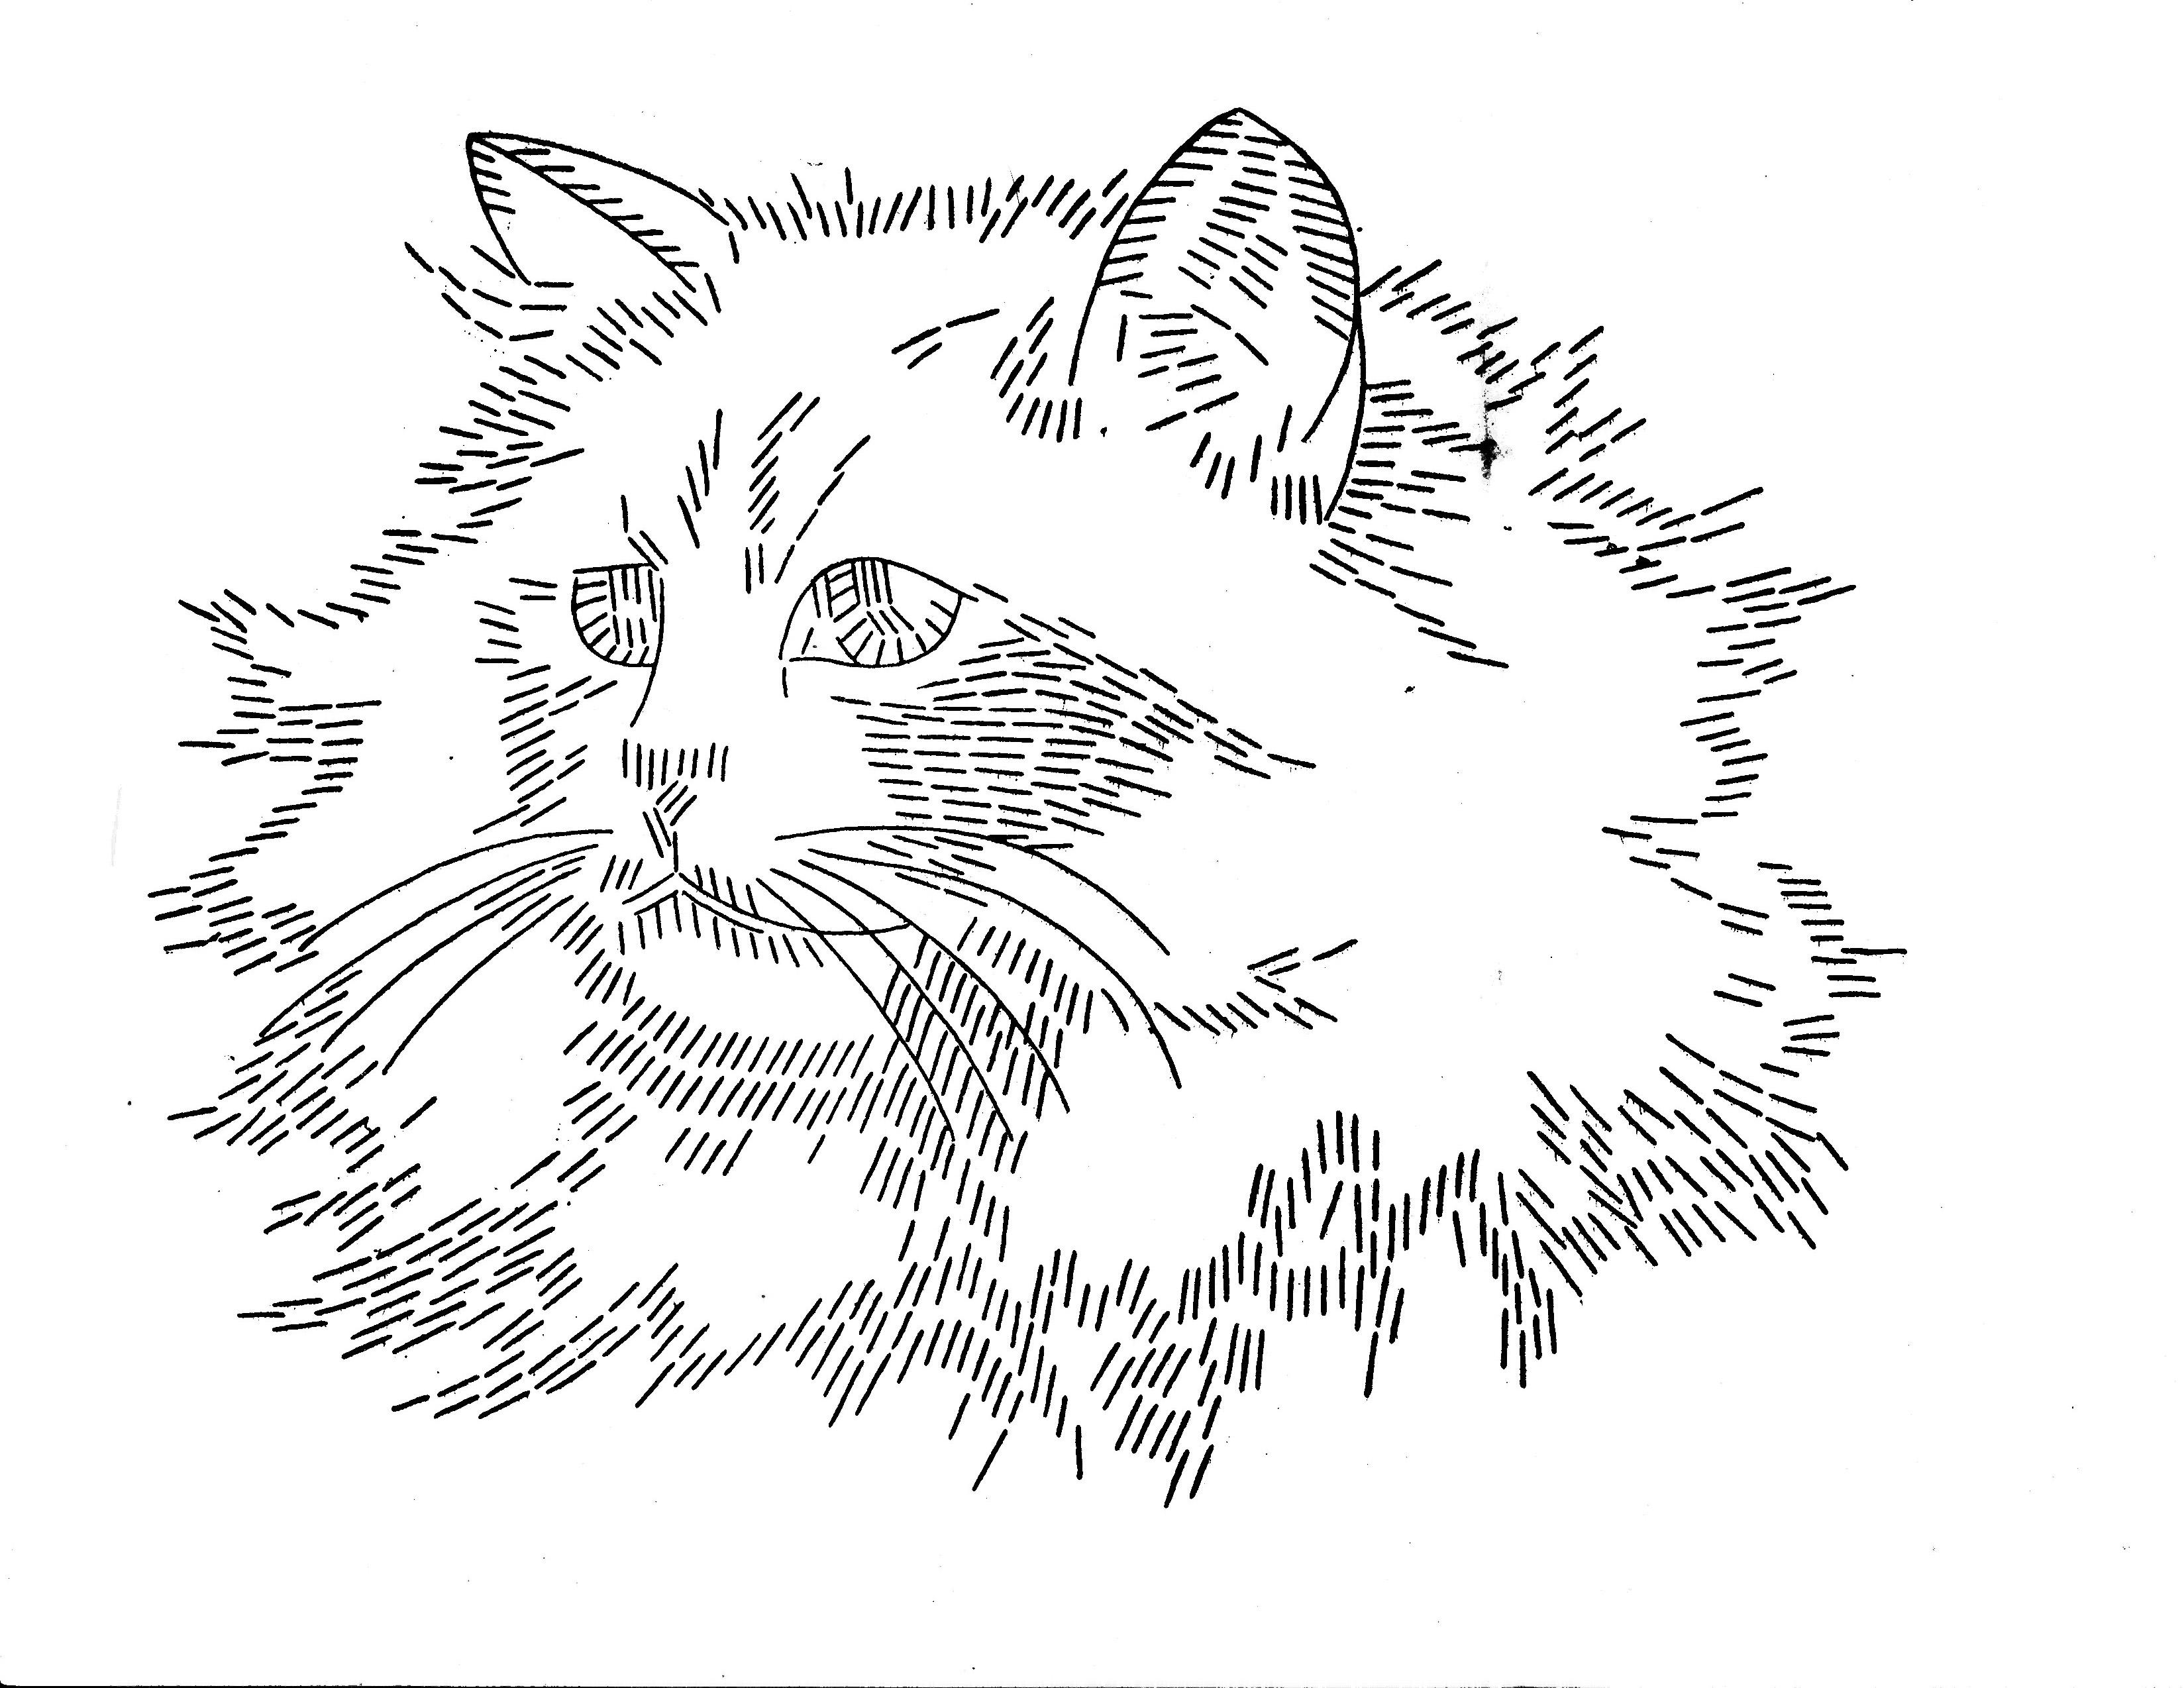 LW 1243 cat 2